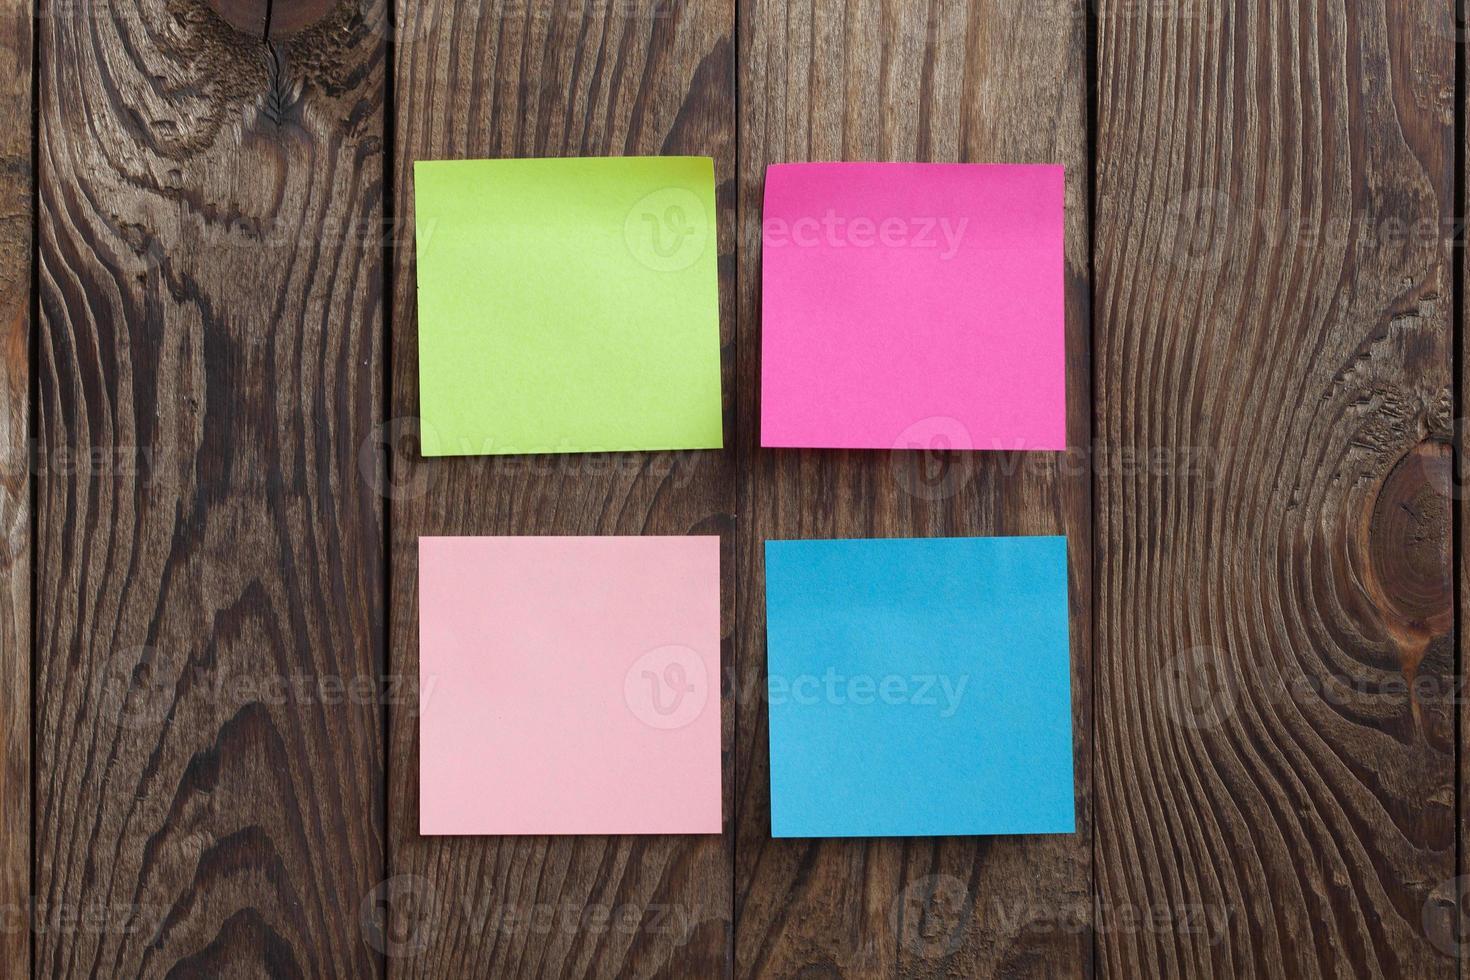 veelkleurige papieren stickers opmerking over houten achtergrond foto